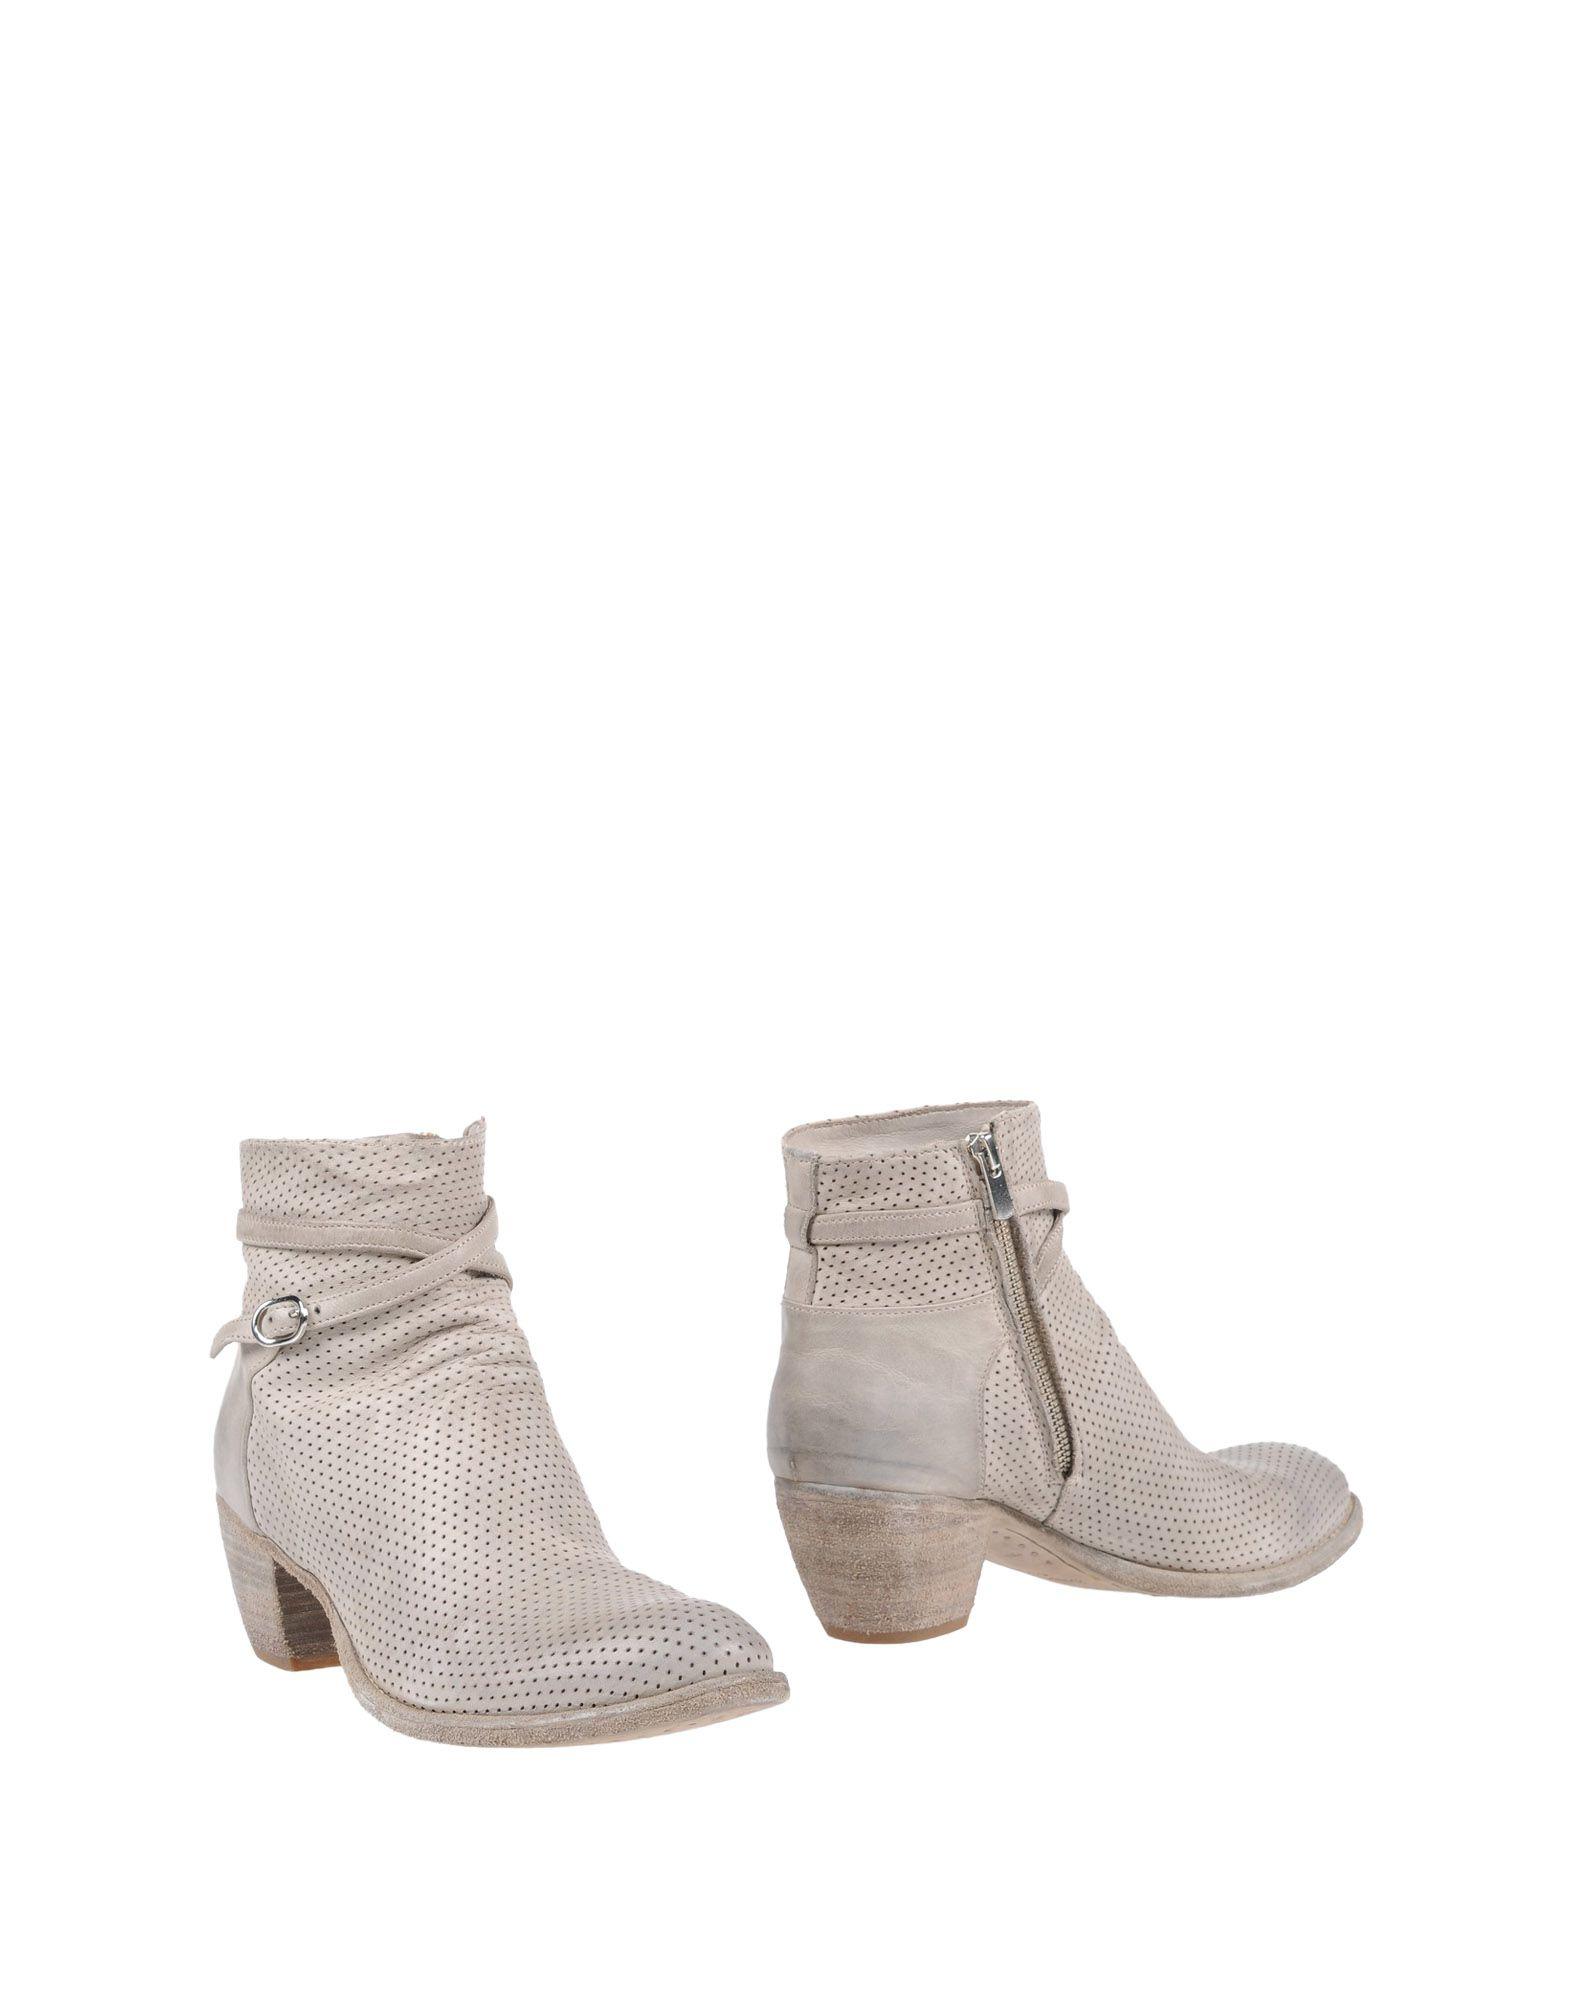 Officine Creative Italia Stiefelette aussehende Damen  11445376JDGünstige gut aussehende Stiefelette Schuhe f0e5c2